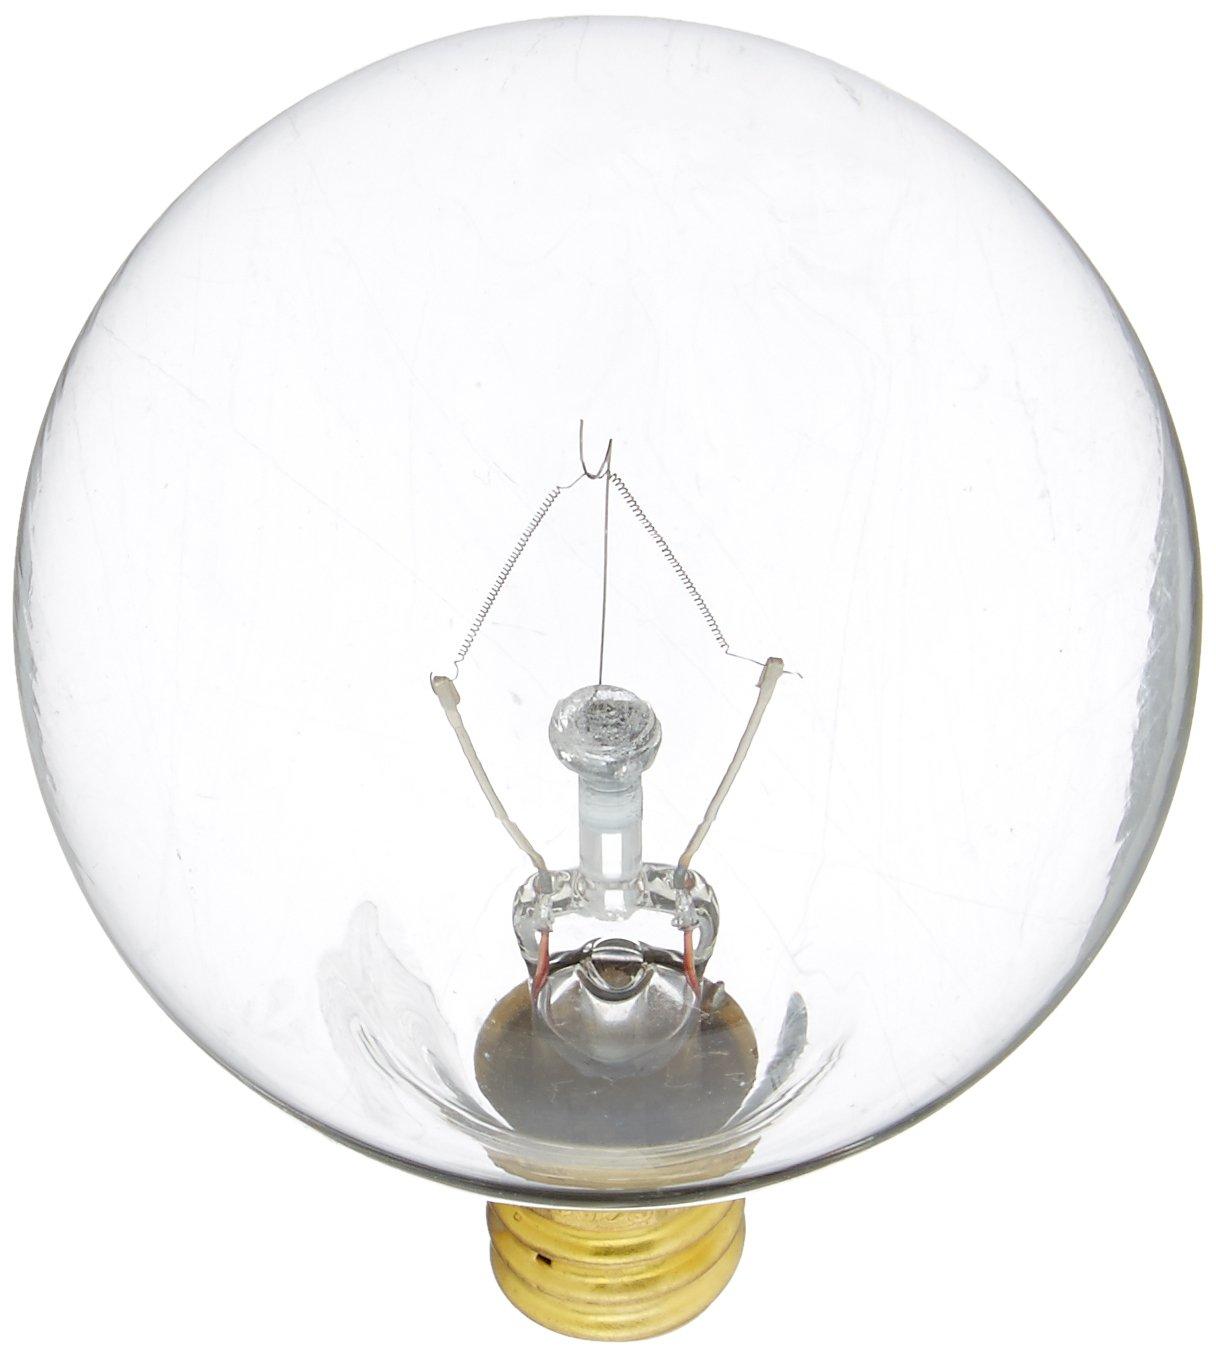 Pack of 24 Bulbrite 25G16WH2 25-Watt Incandescent G16.5 Globe Candelabra Base White